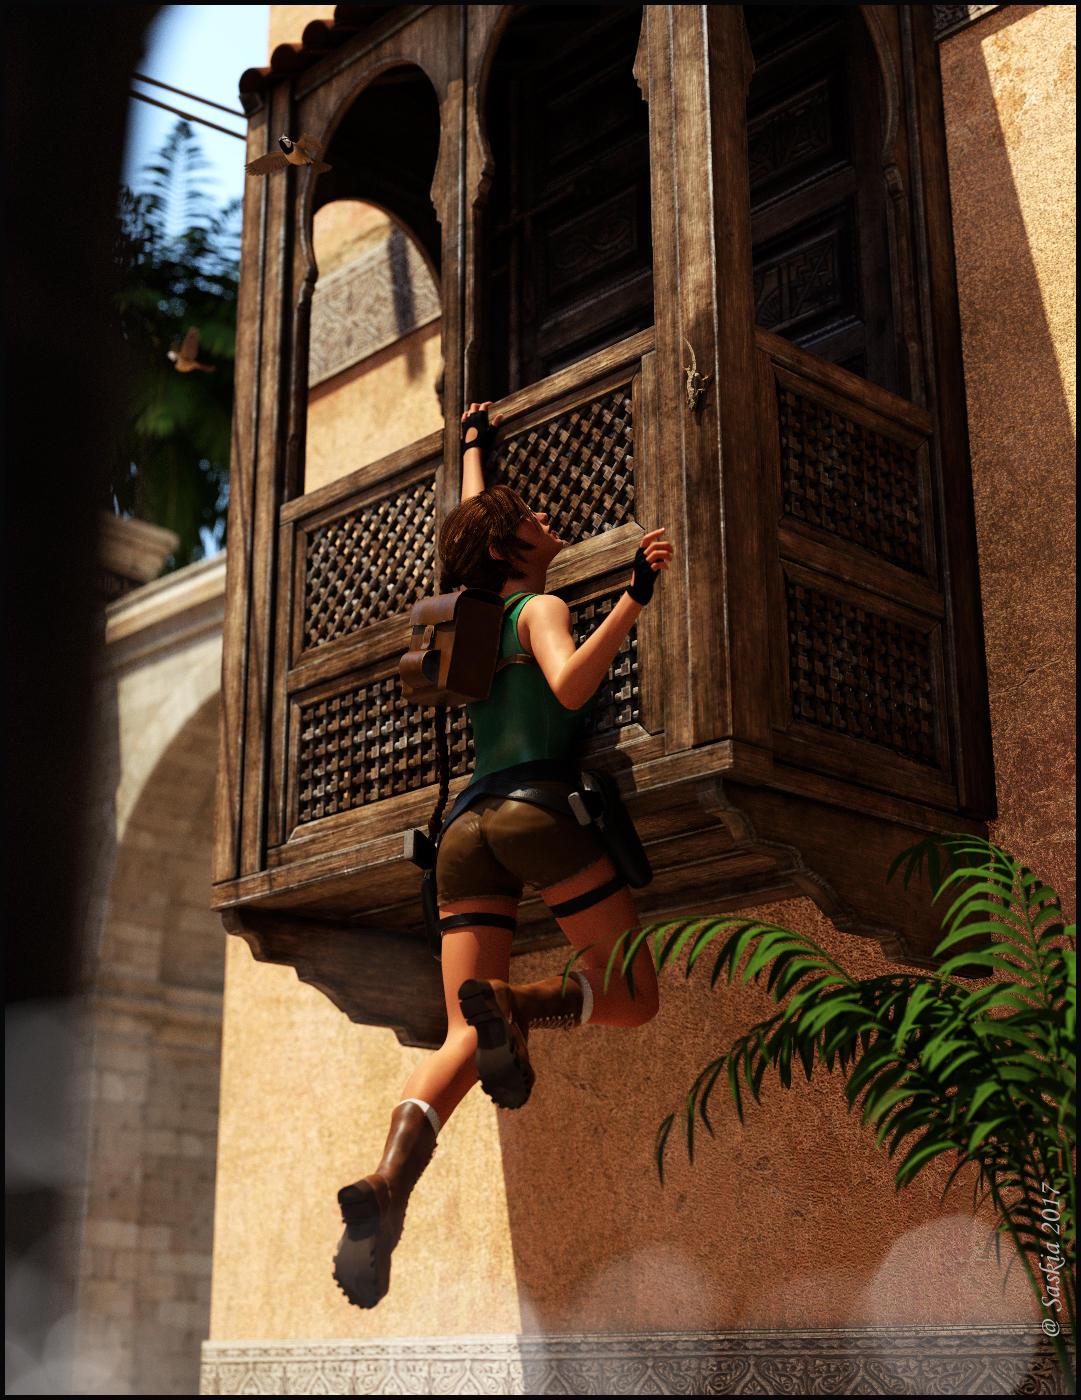 Lara 77 by RenderSas